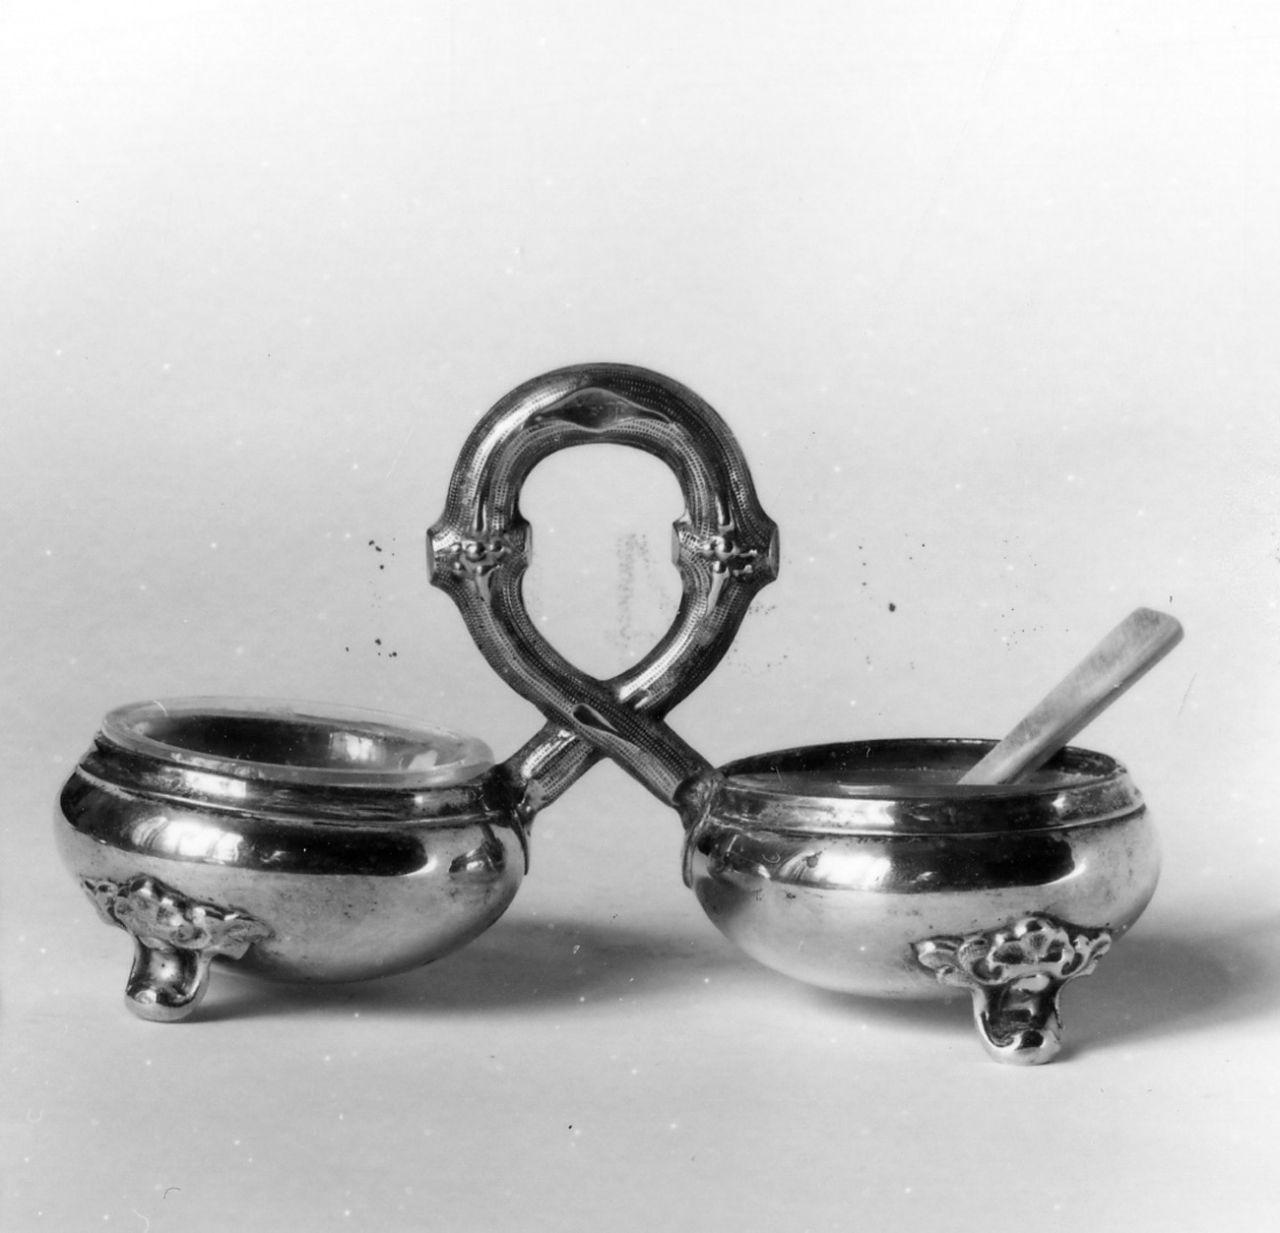 servizio da sale e pepe - bottega francese (?) (seconda metà sec. XIX)